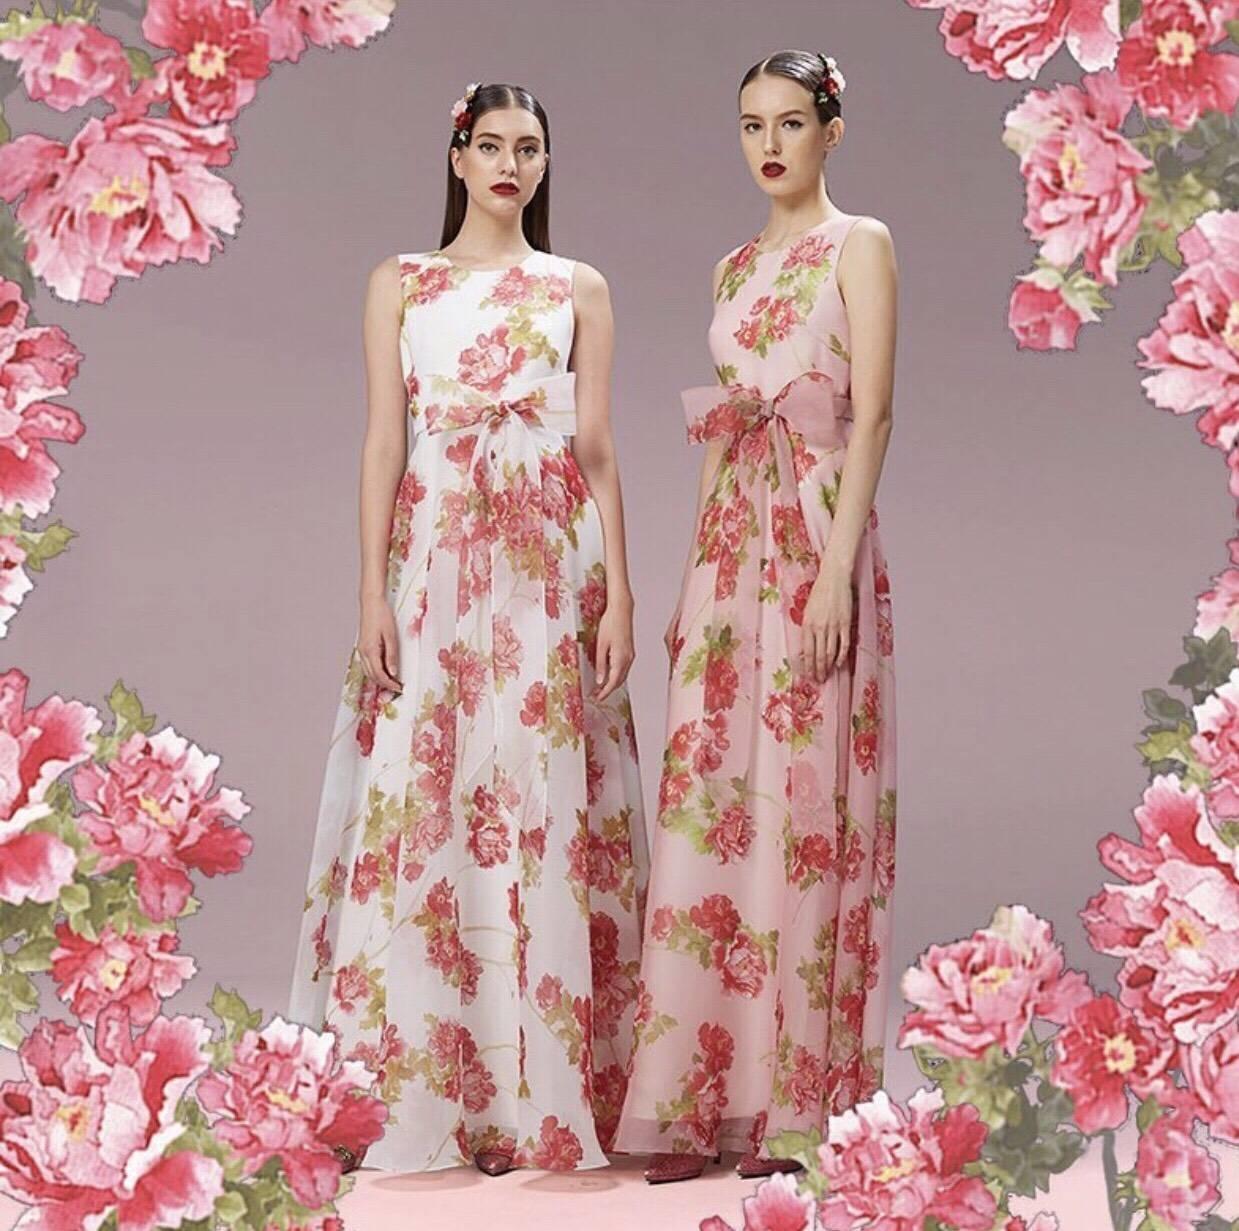 ชุดเดรสเกาหลี พร้อมส่ง เดรสยาว ลายปักลายดอกไม้สีแดง